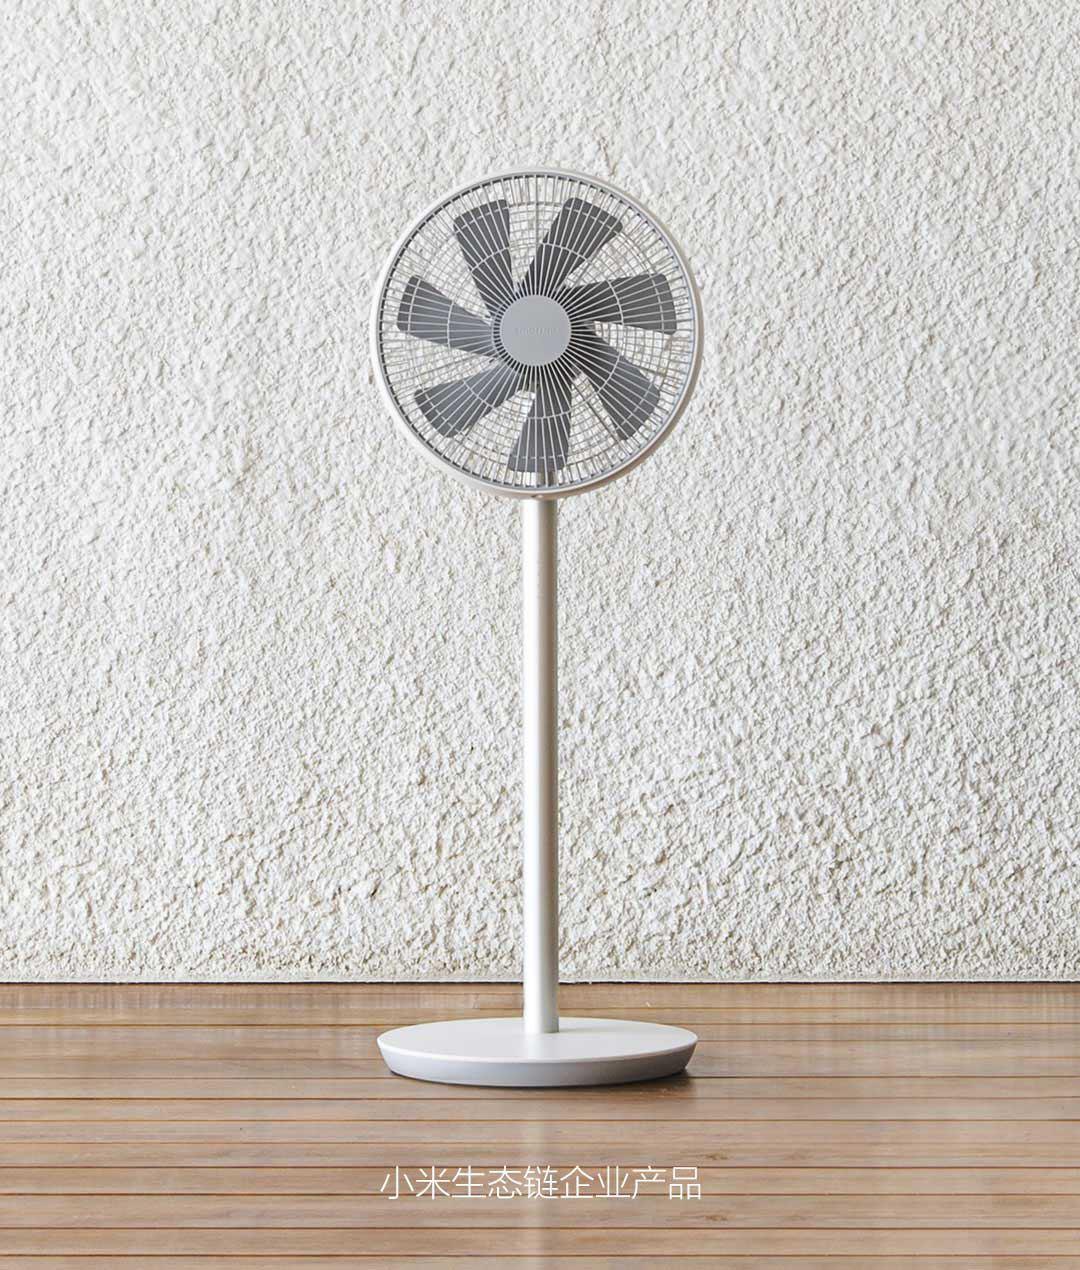 hinh-anh-xiaomi-mi-smart-fan-quat-may-thong-minh-mi-smart-fan-1